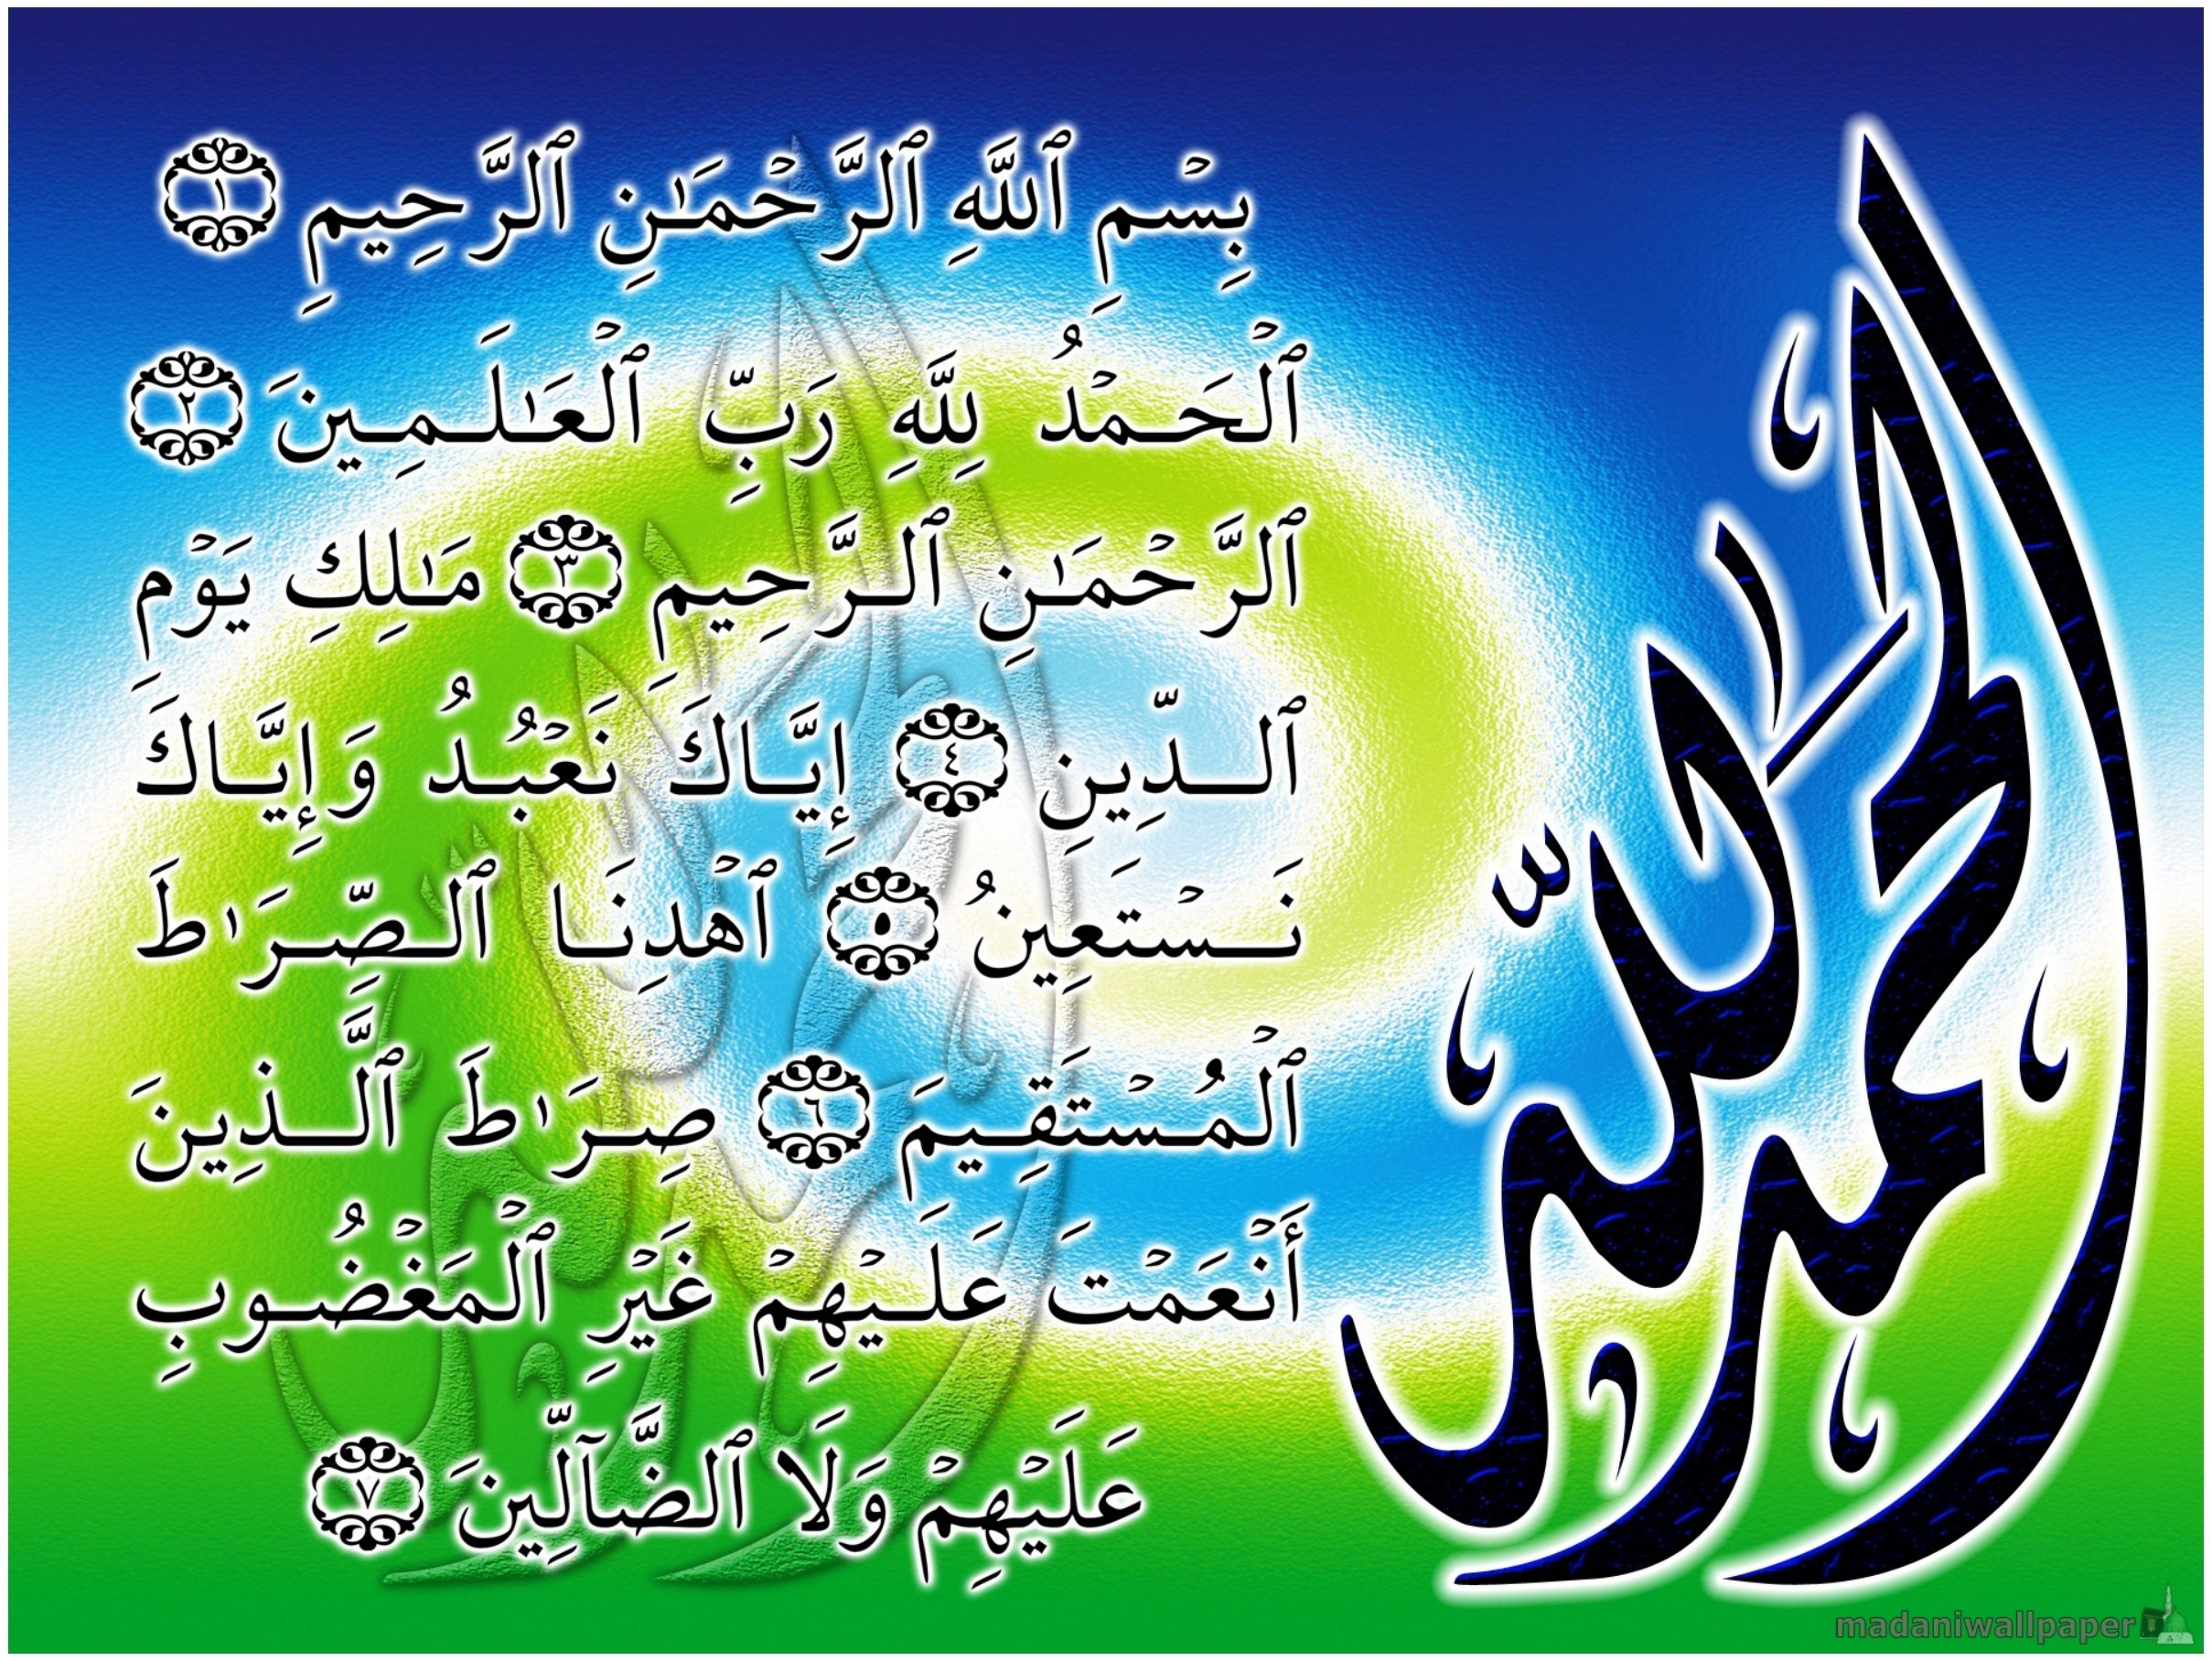 Wallpapers iphone quran - Alhamdulillah Hd Quran Wallpaper